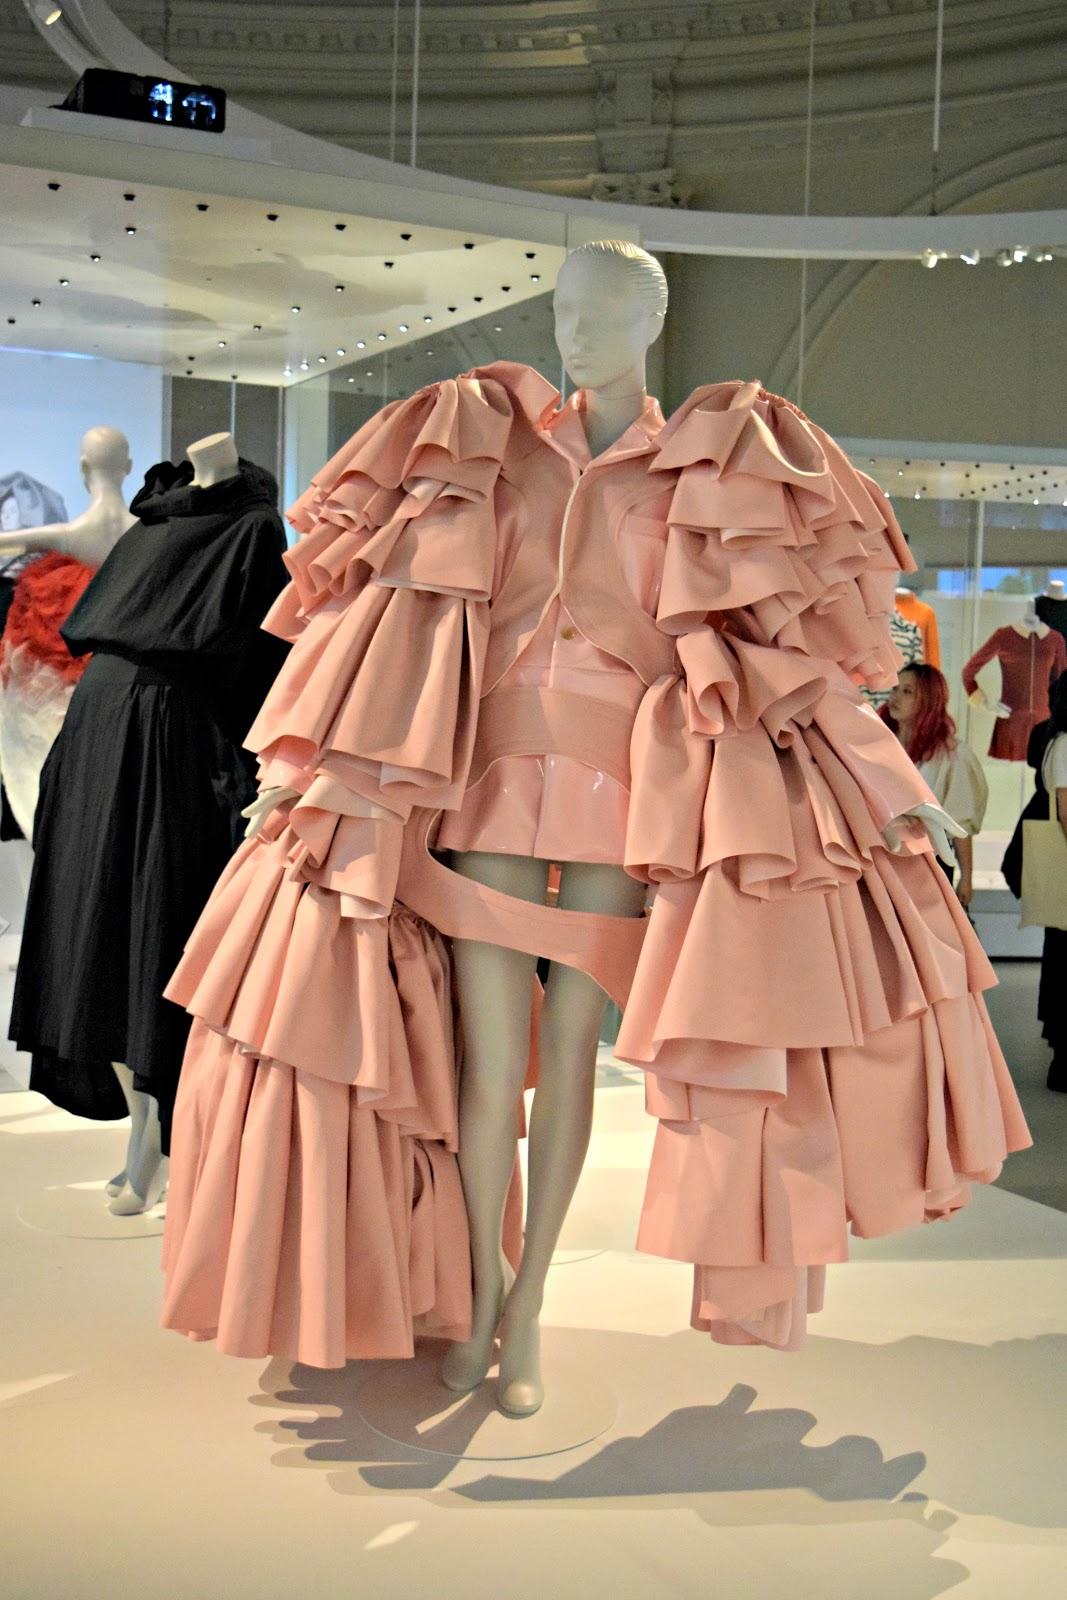 fashion exhibition london balenciaga influence